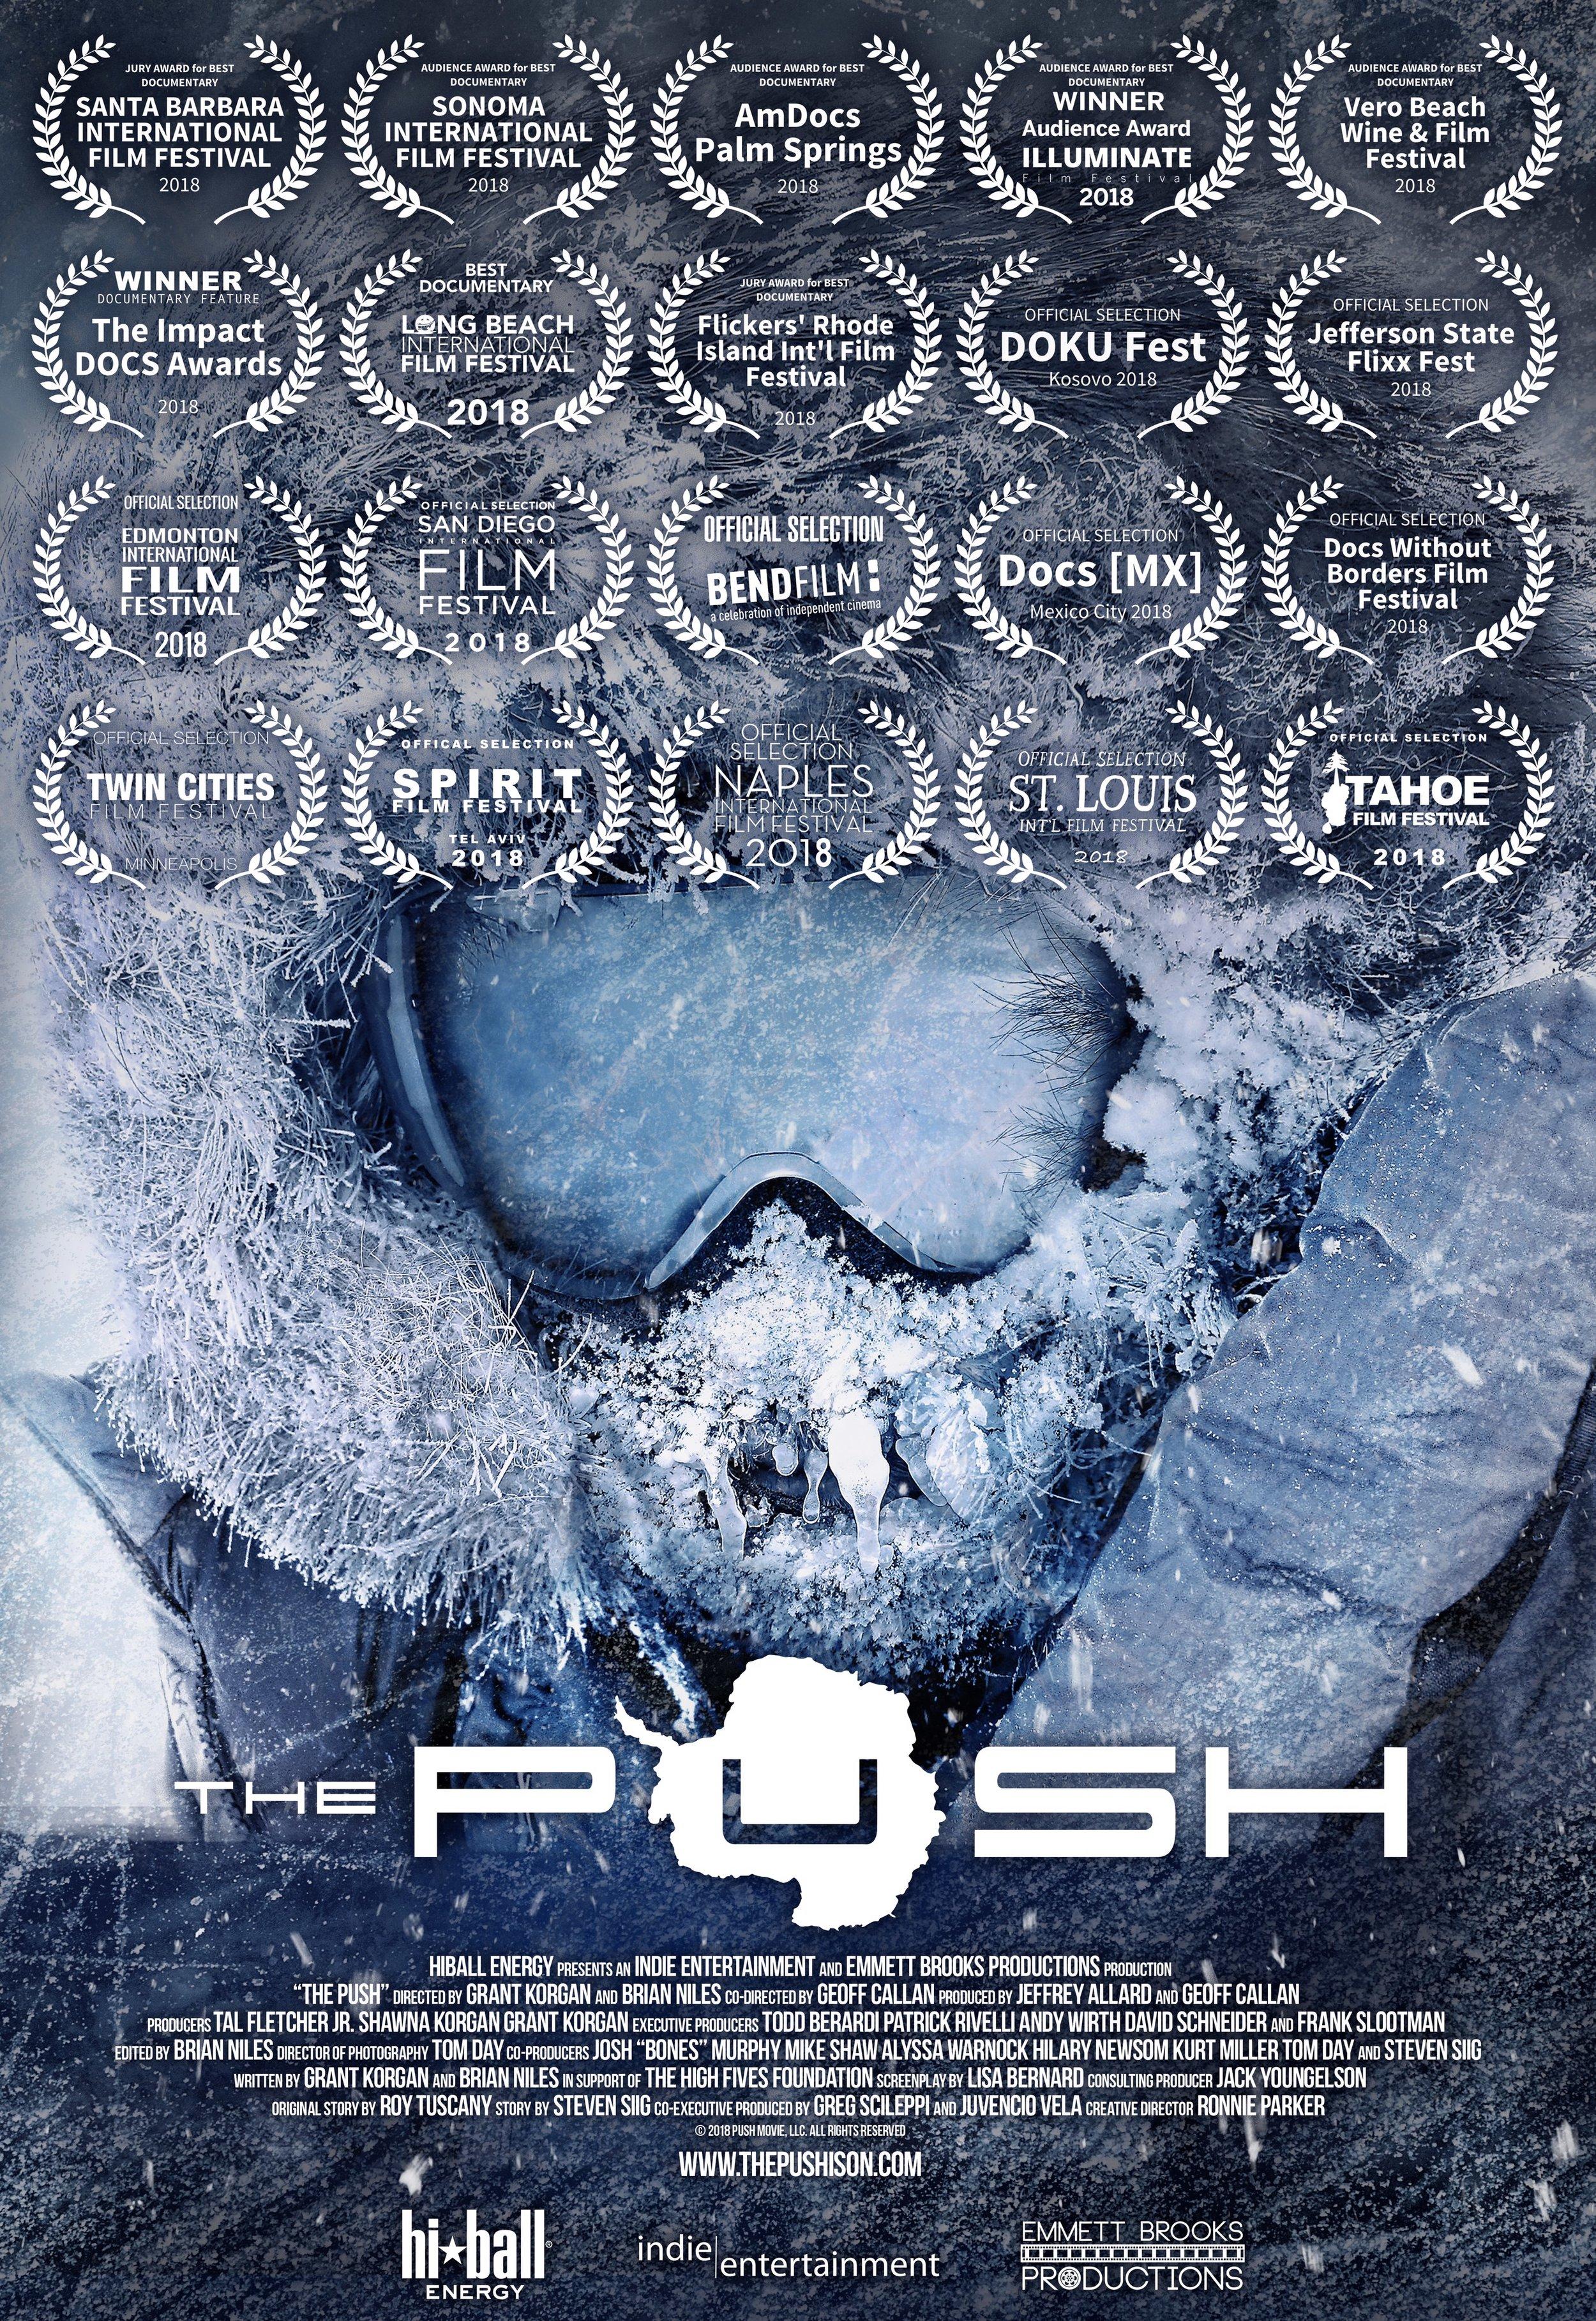 THE-PUSH-POSTER-V14.jpeg